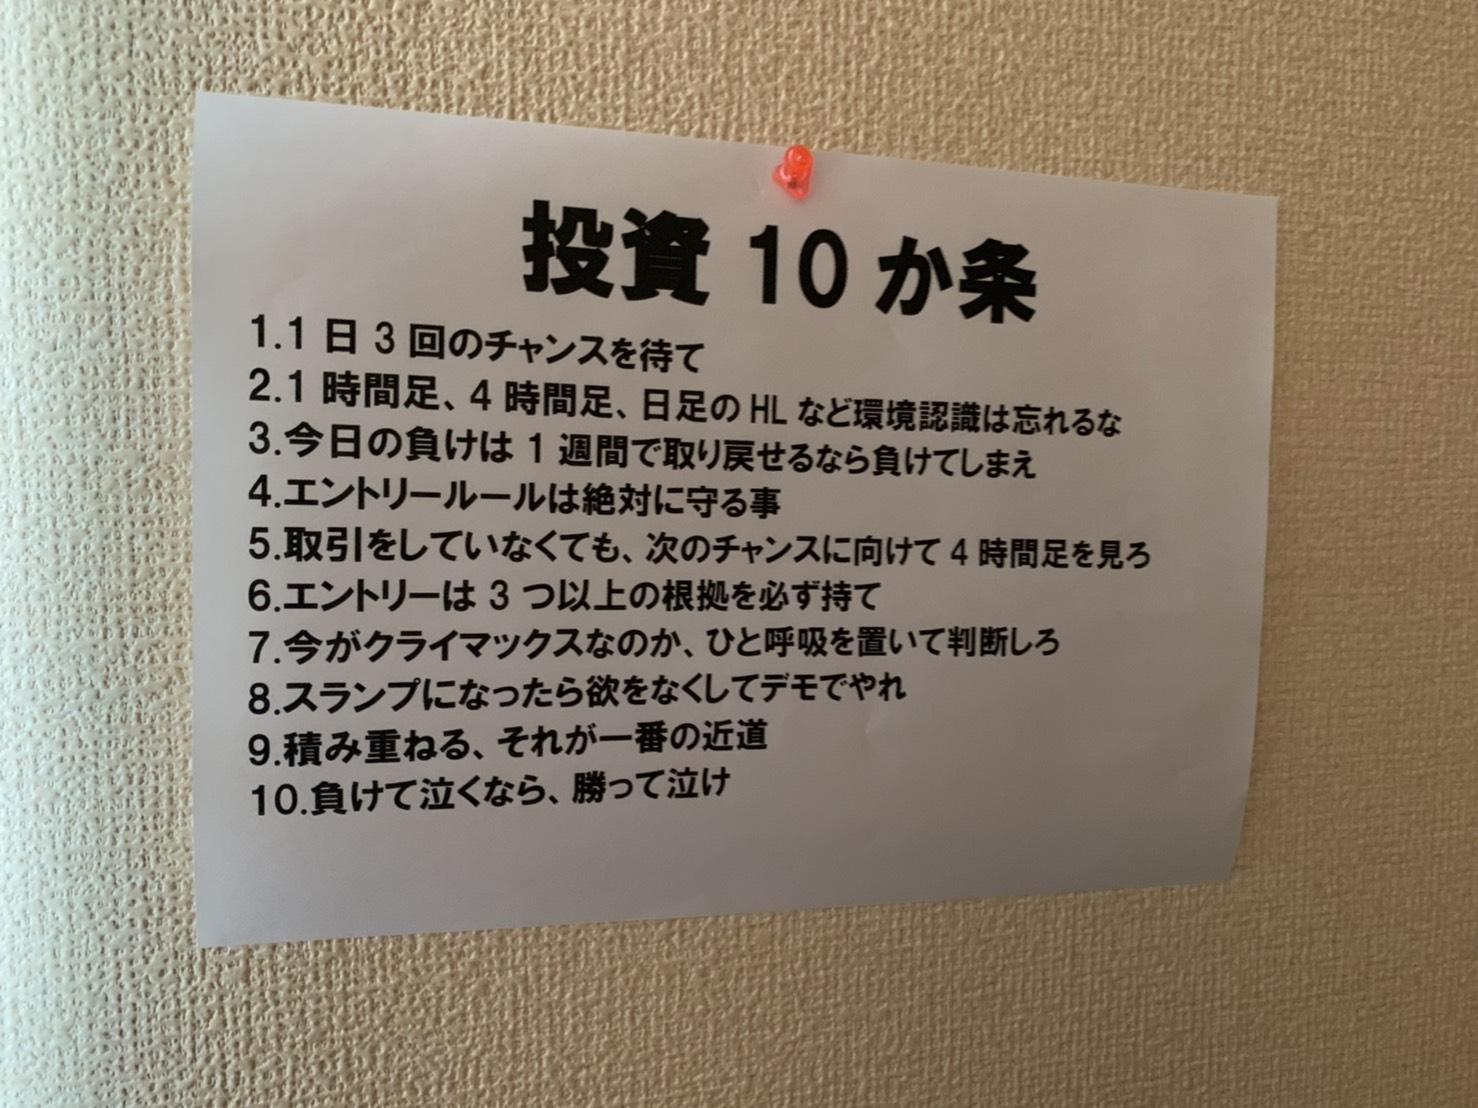 トレード10か条